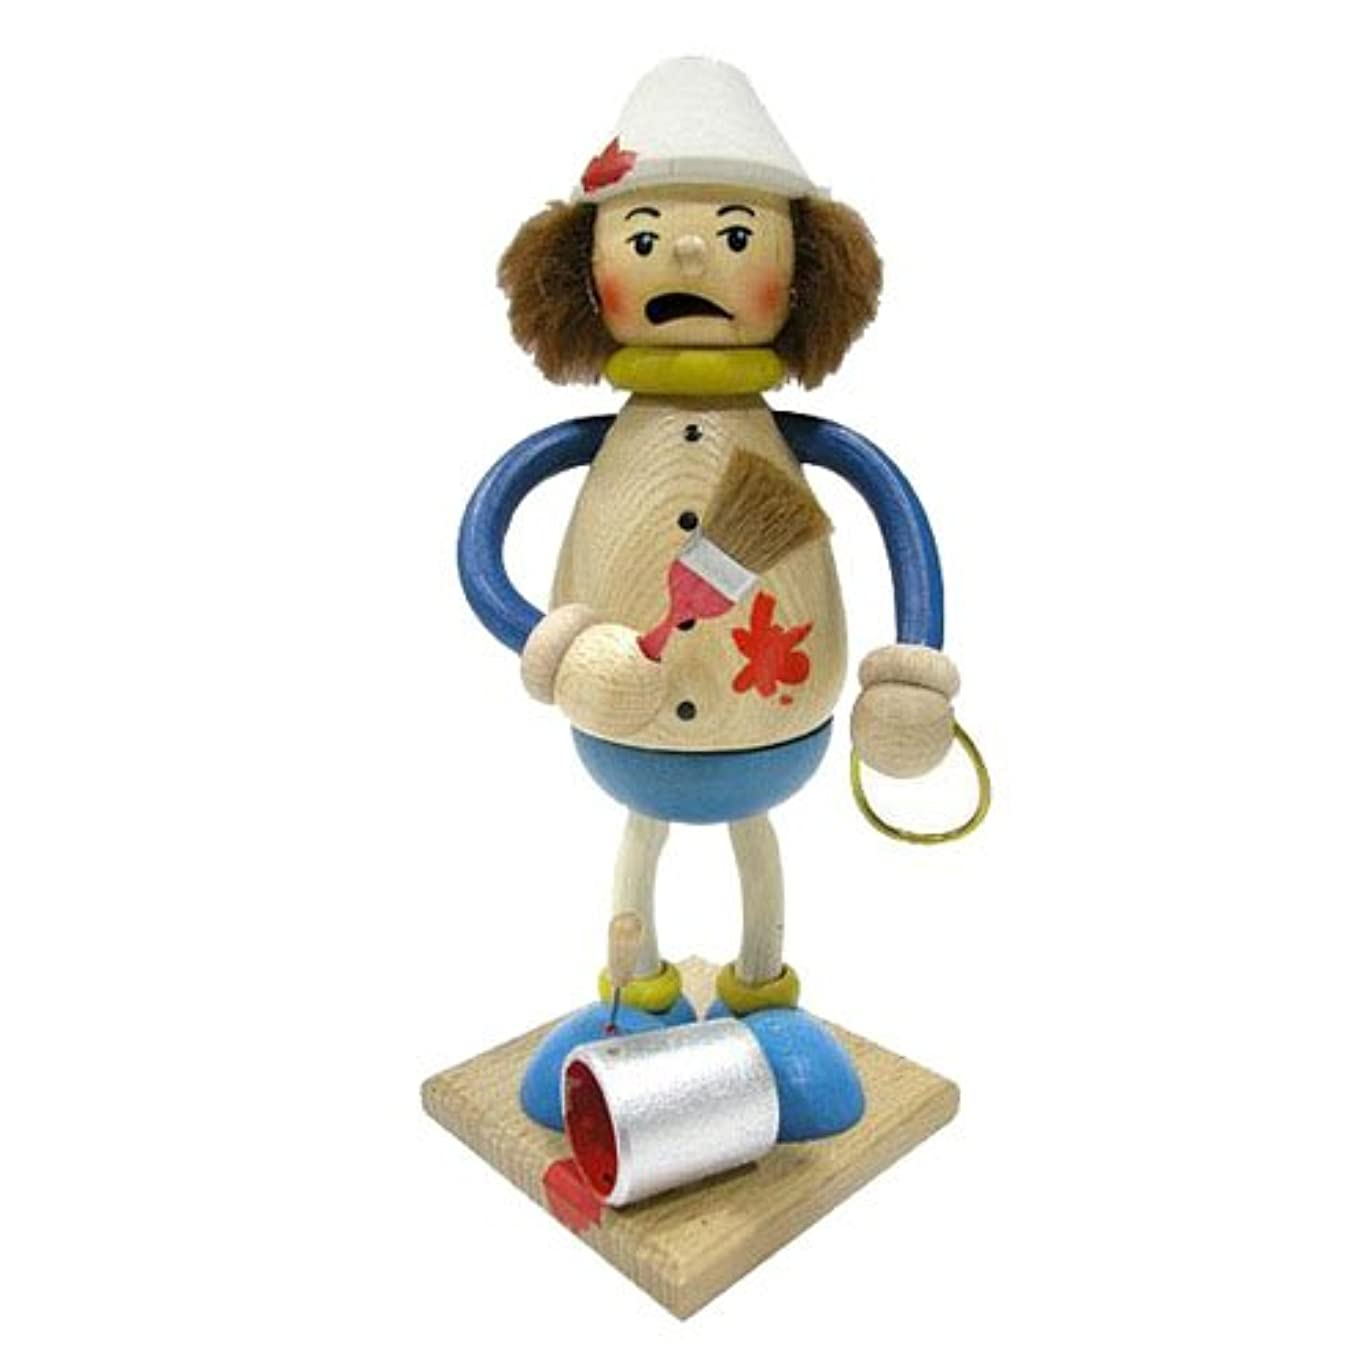 提供デジタル愚かな39095 Kuhnert(クーネルト) ミニパイプ人形香炉 ペインター